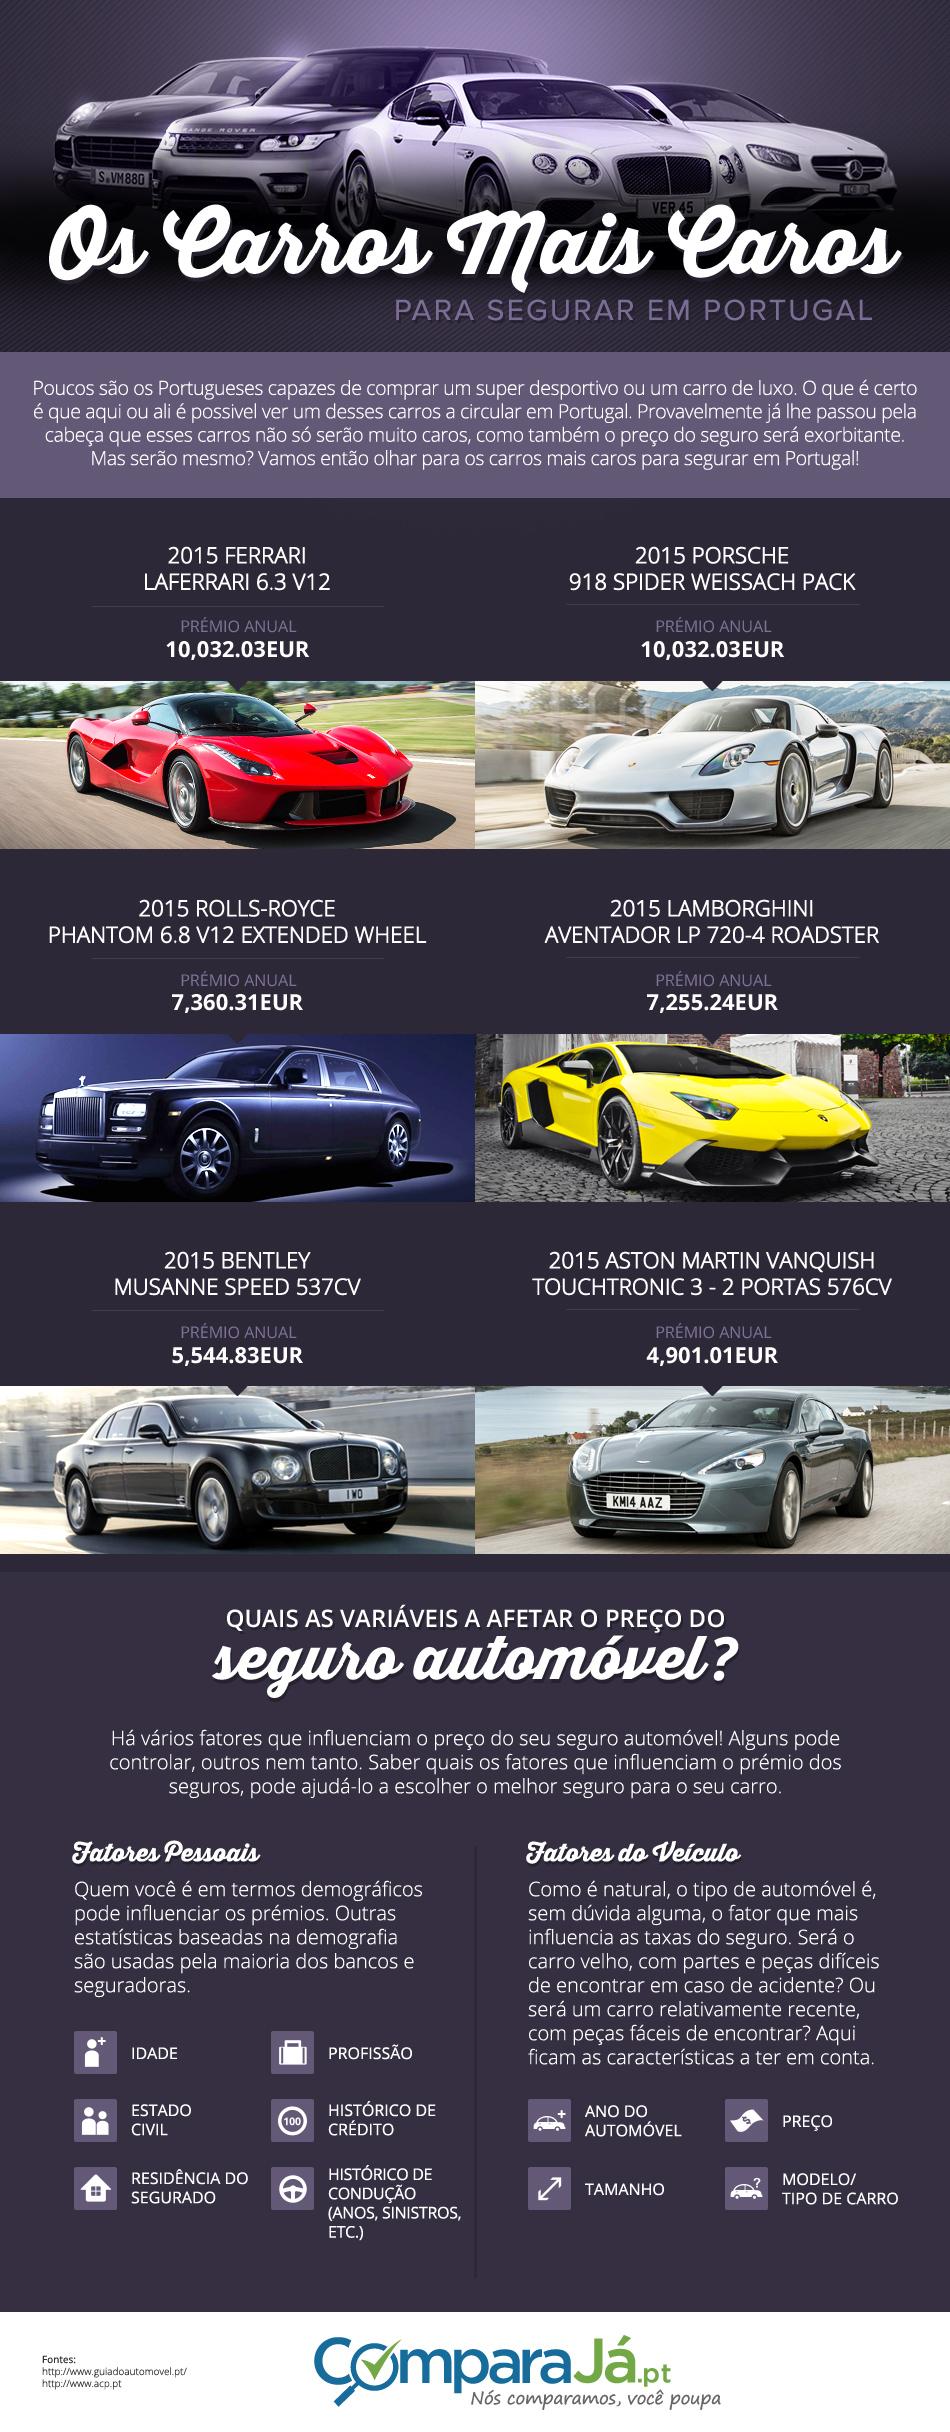 PT IG ExpensiveCars rev 3 Quais os Carros Mais Caros Para Segurar em Portugal?